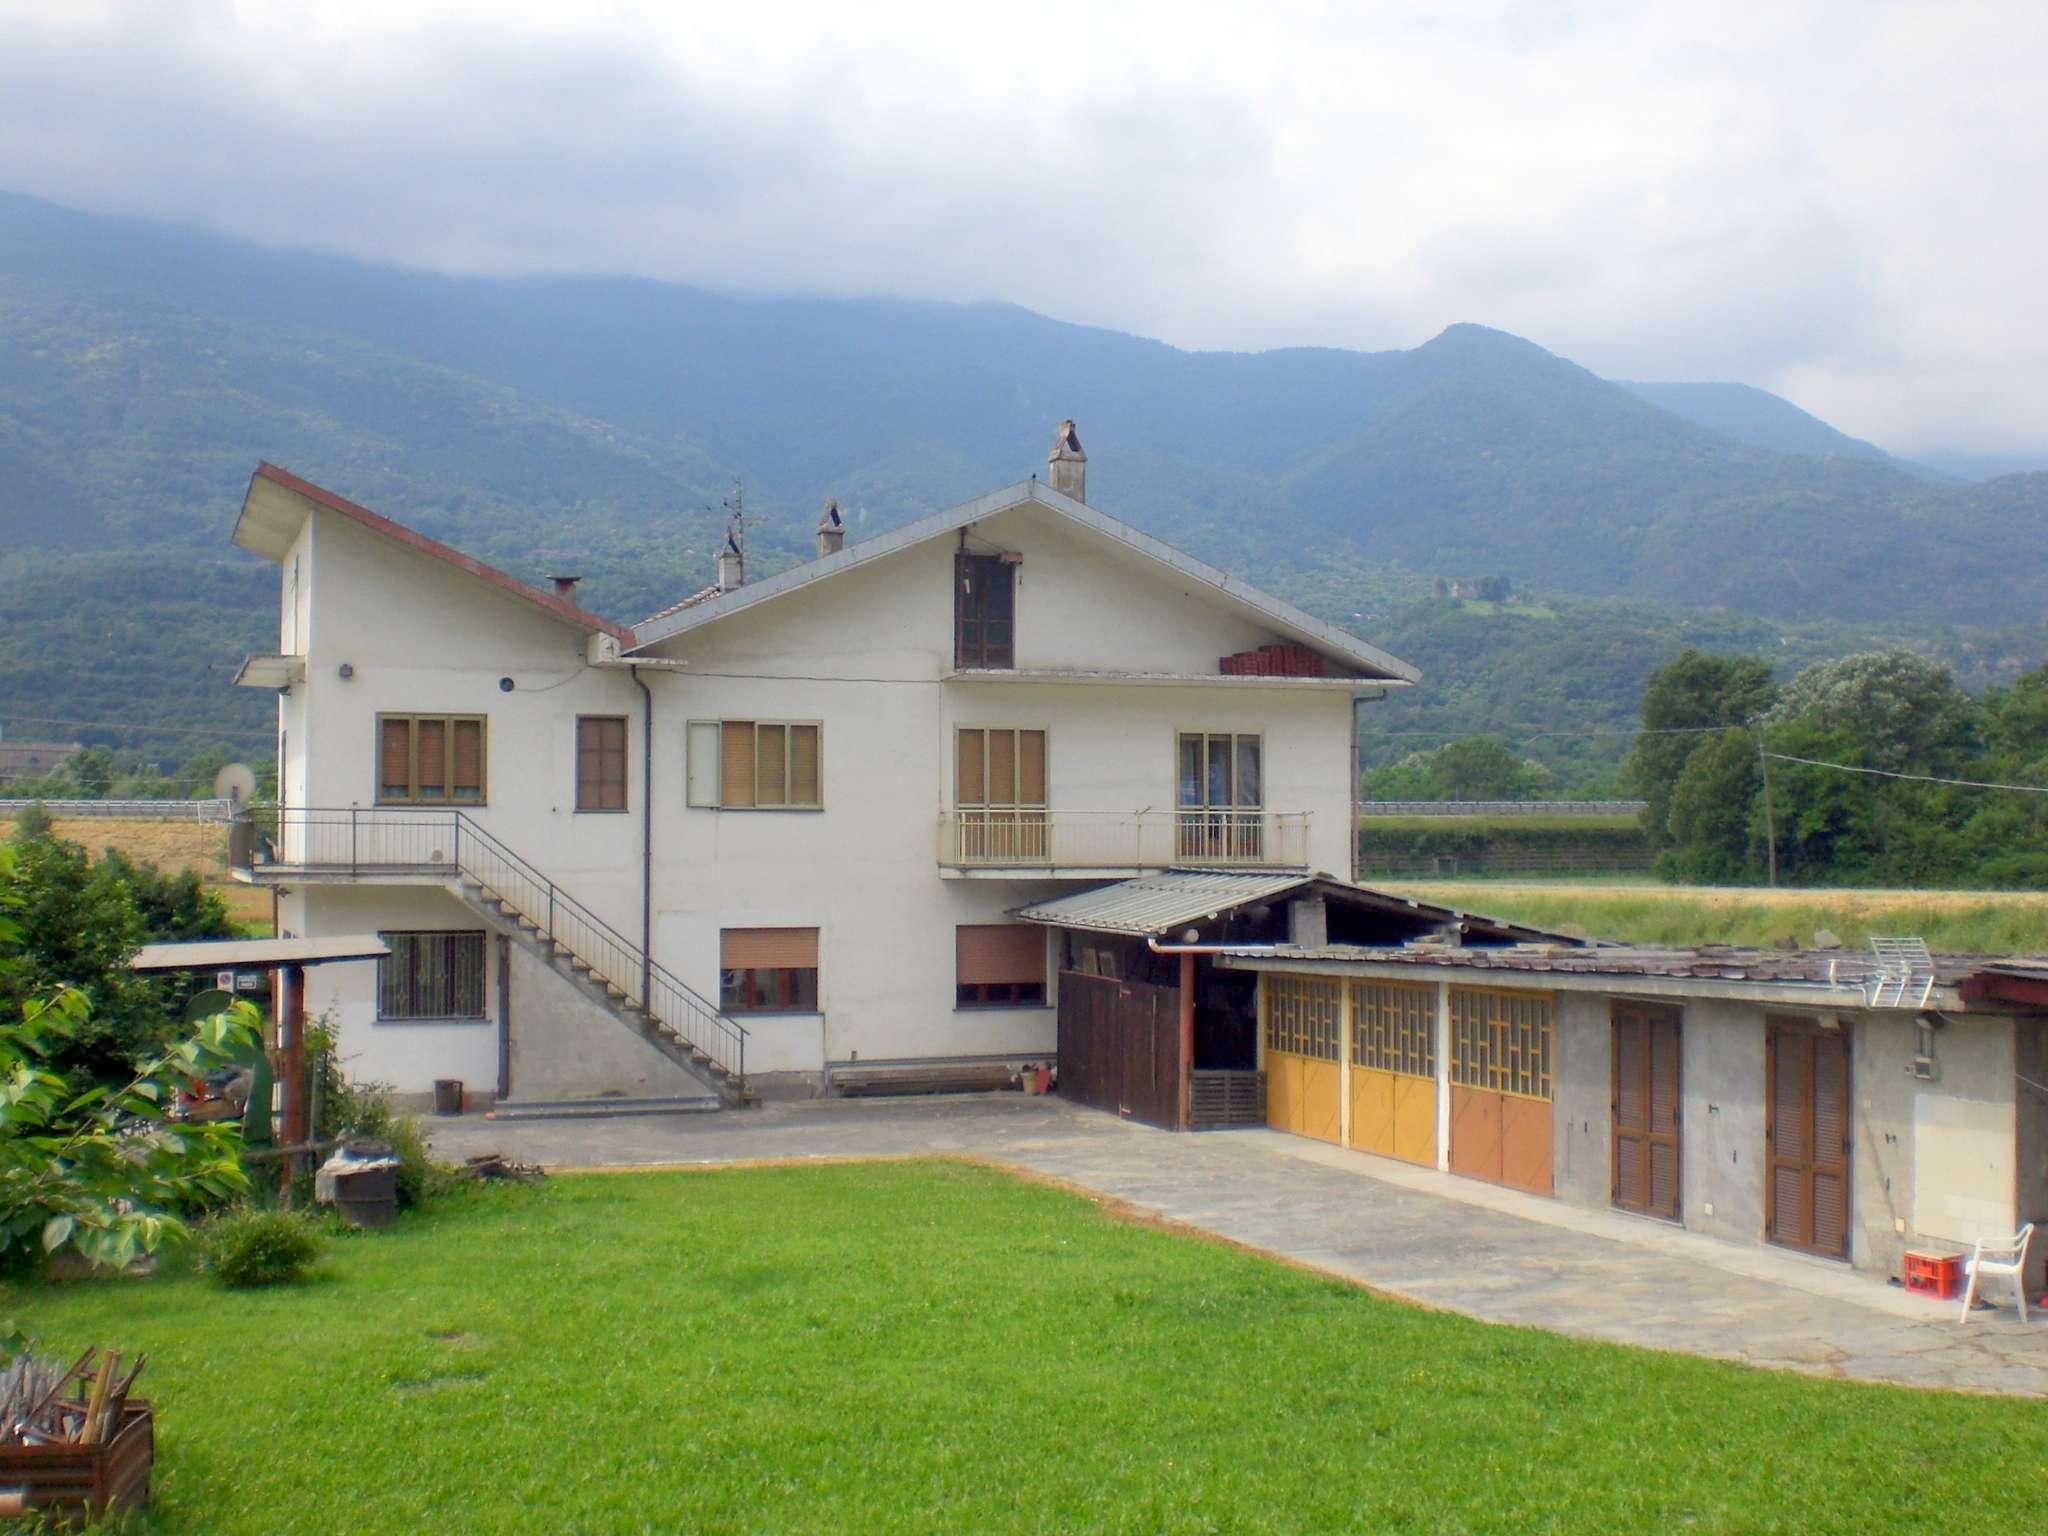 Appartamento in vendita a Bussoleno, 5 locali, prezzo € 82.000 | CambioCasa.it